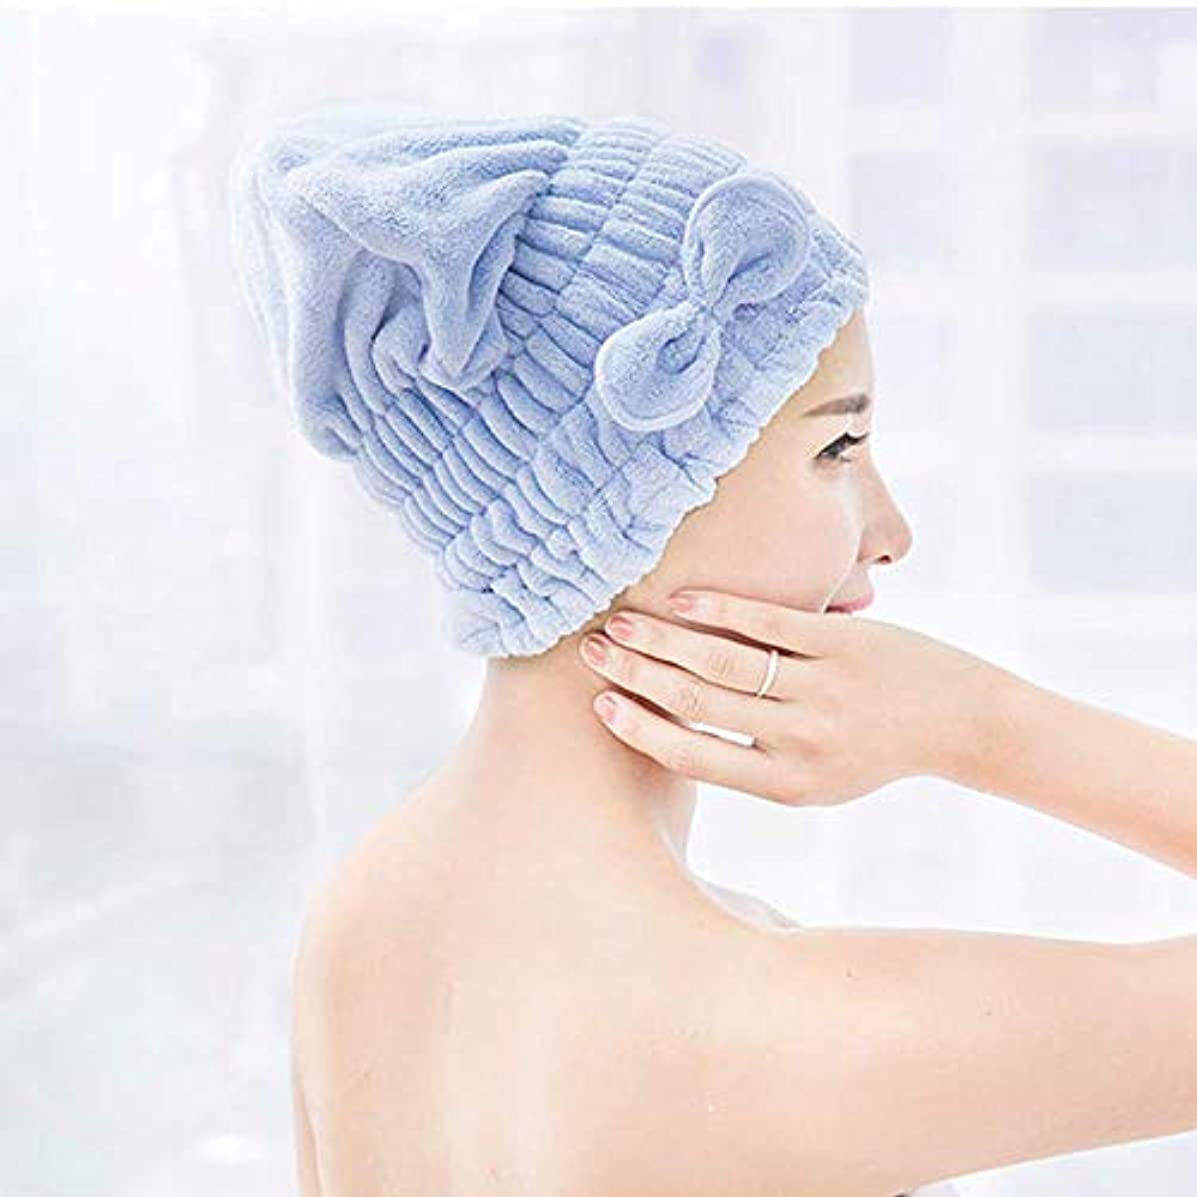 神経掃くハンカチloyouve ヘアドライタオル タオルキャップ 女の子 速乾 ヘアキャップ 強い吸水性 ドライキャップ マイクロファイバー ちょう結び キノコ 髪帽 (ブルー)